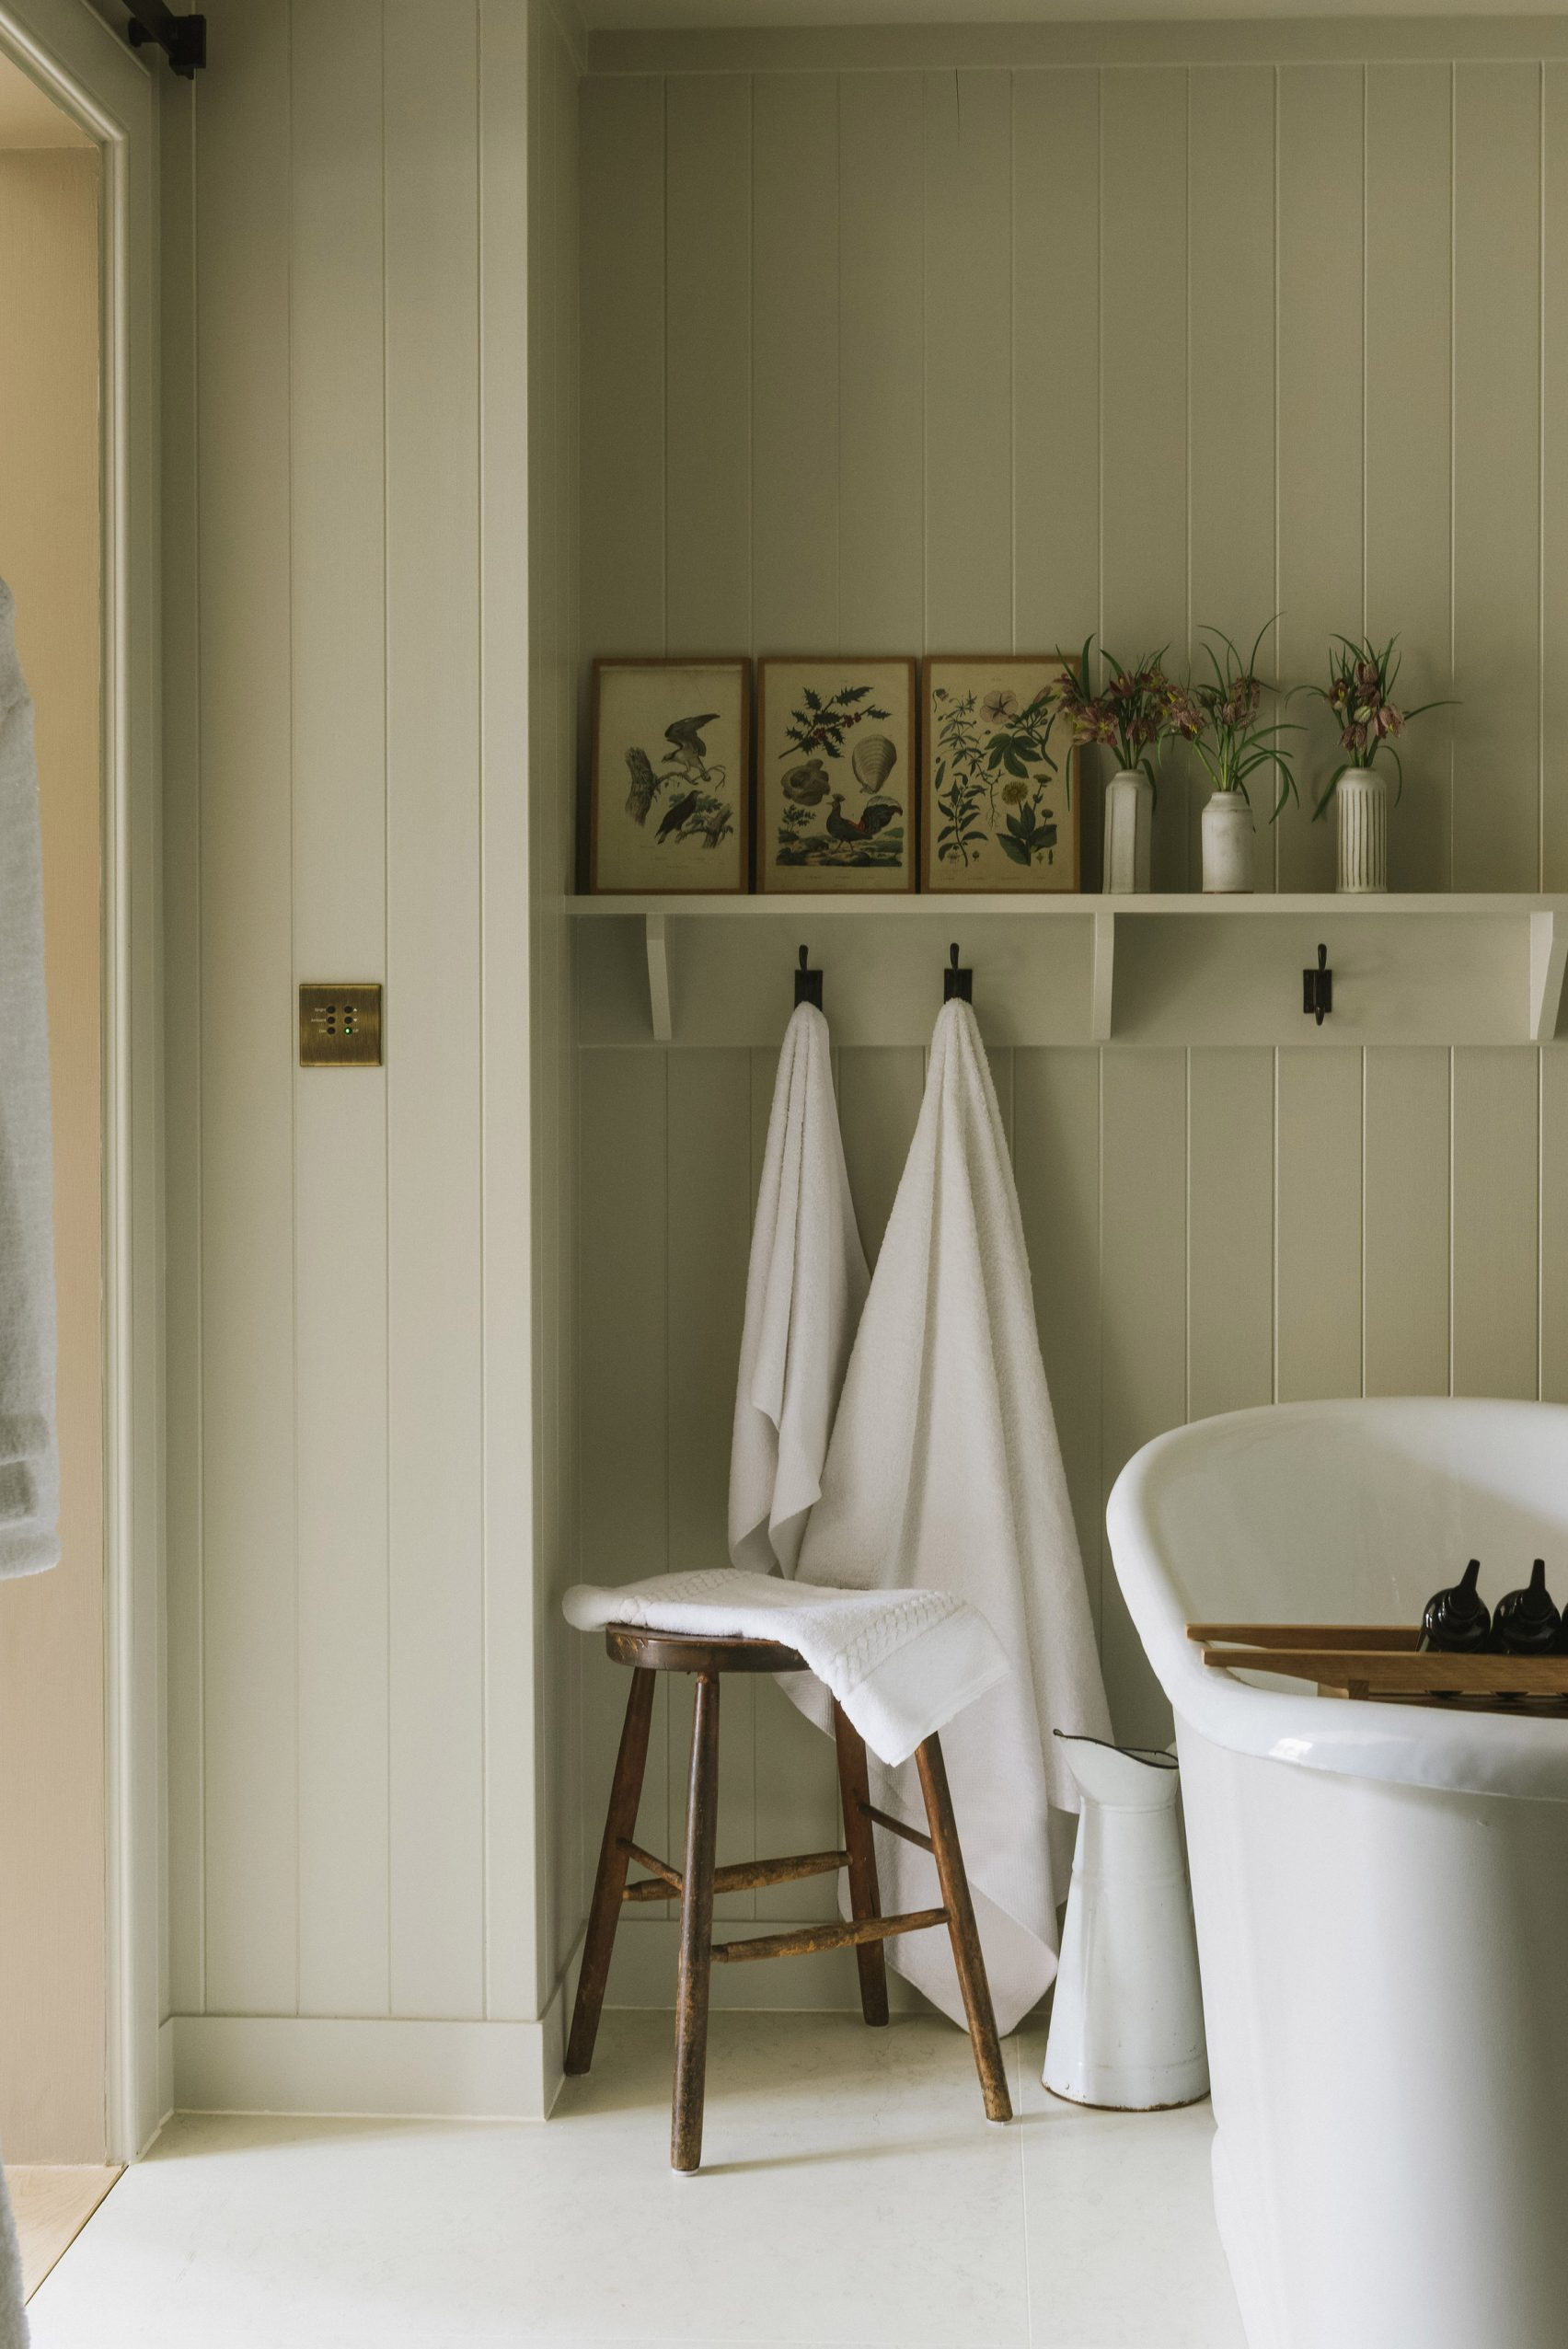 Bagno con vasca da bagno / Peter Cook